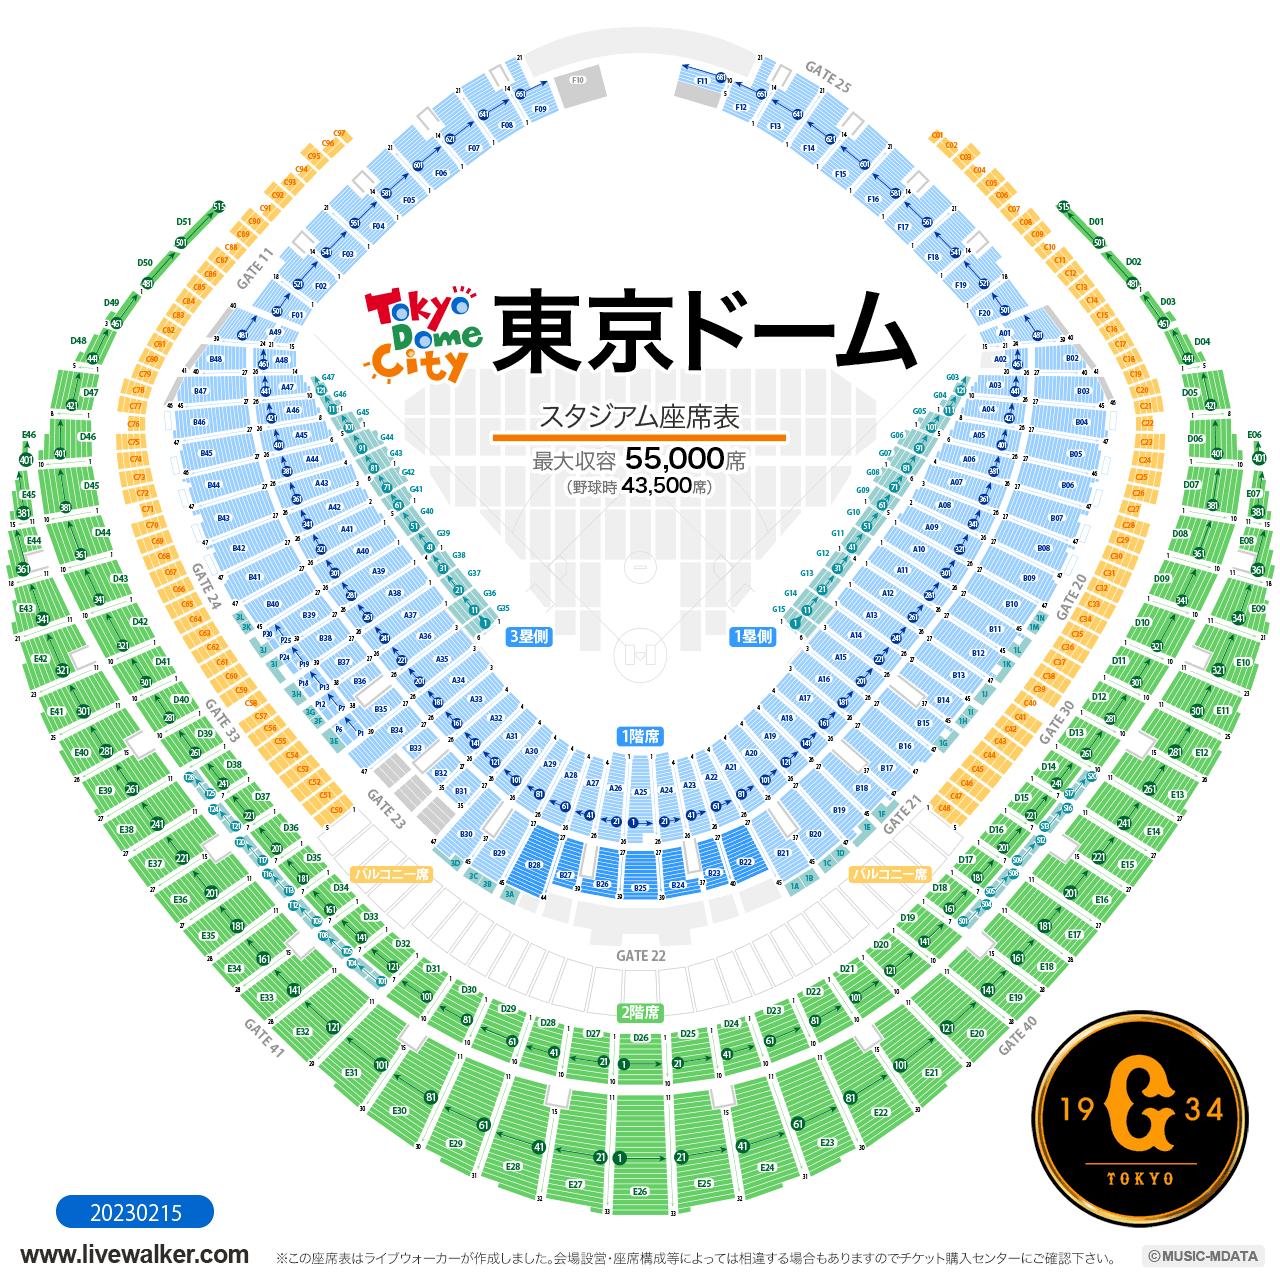 東京ドームスタジアムの座席表